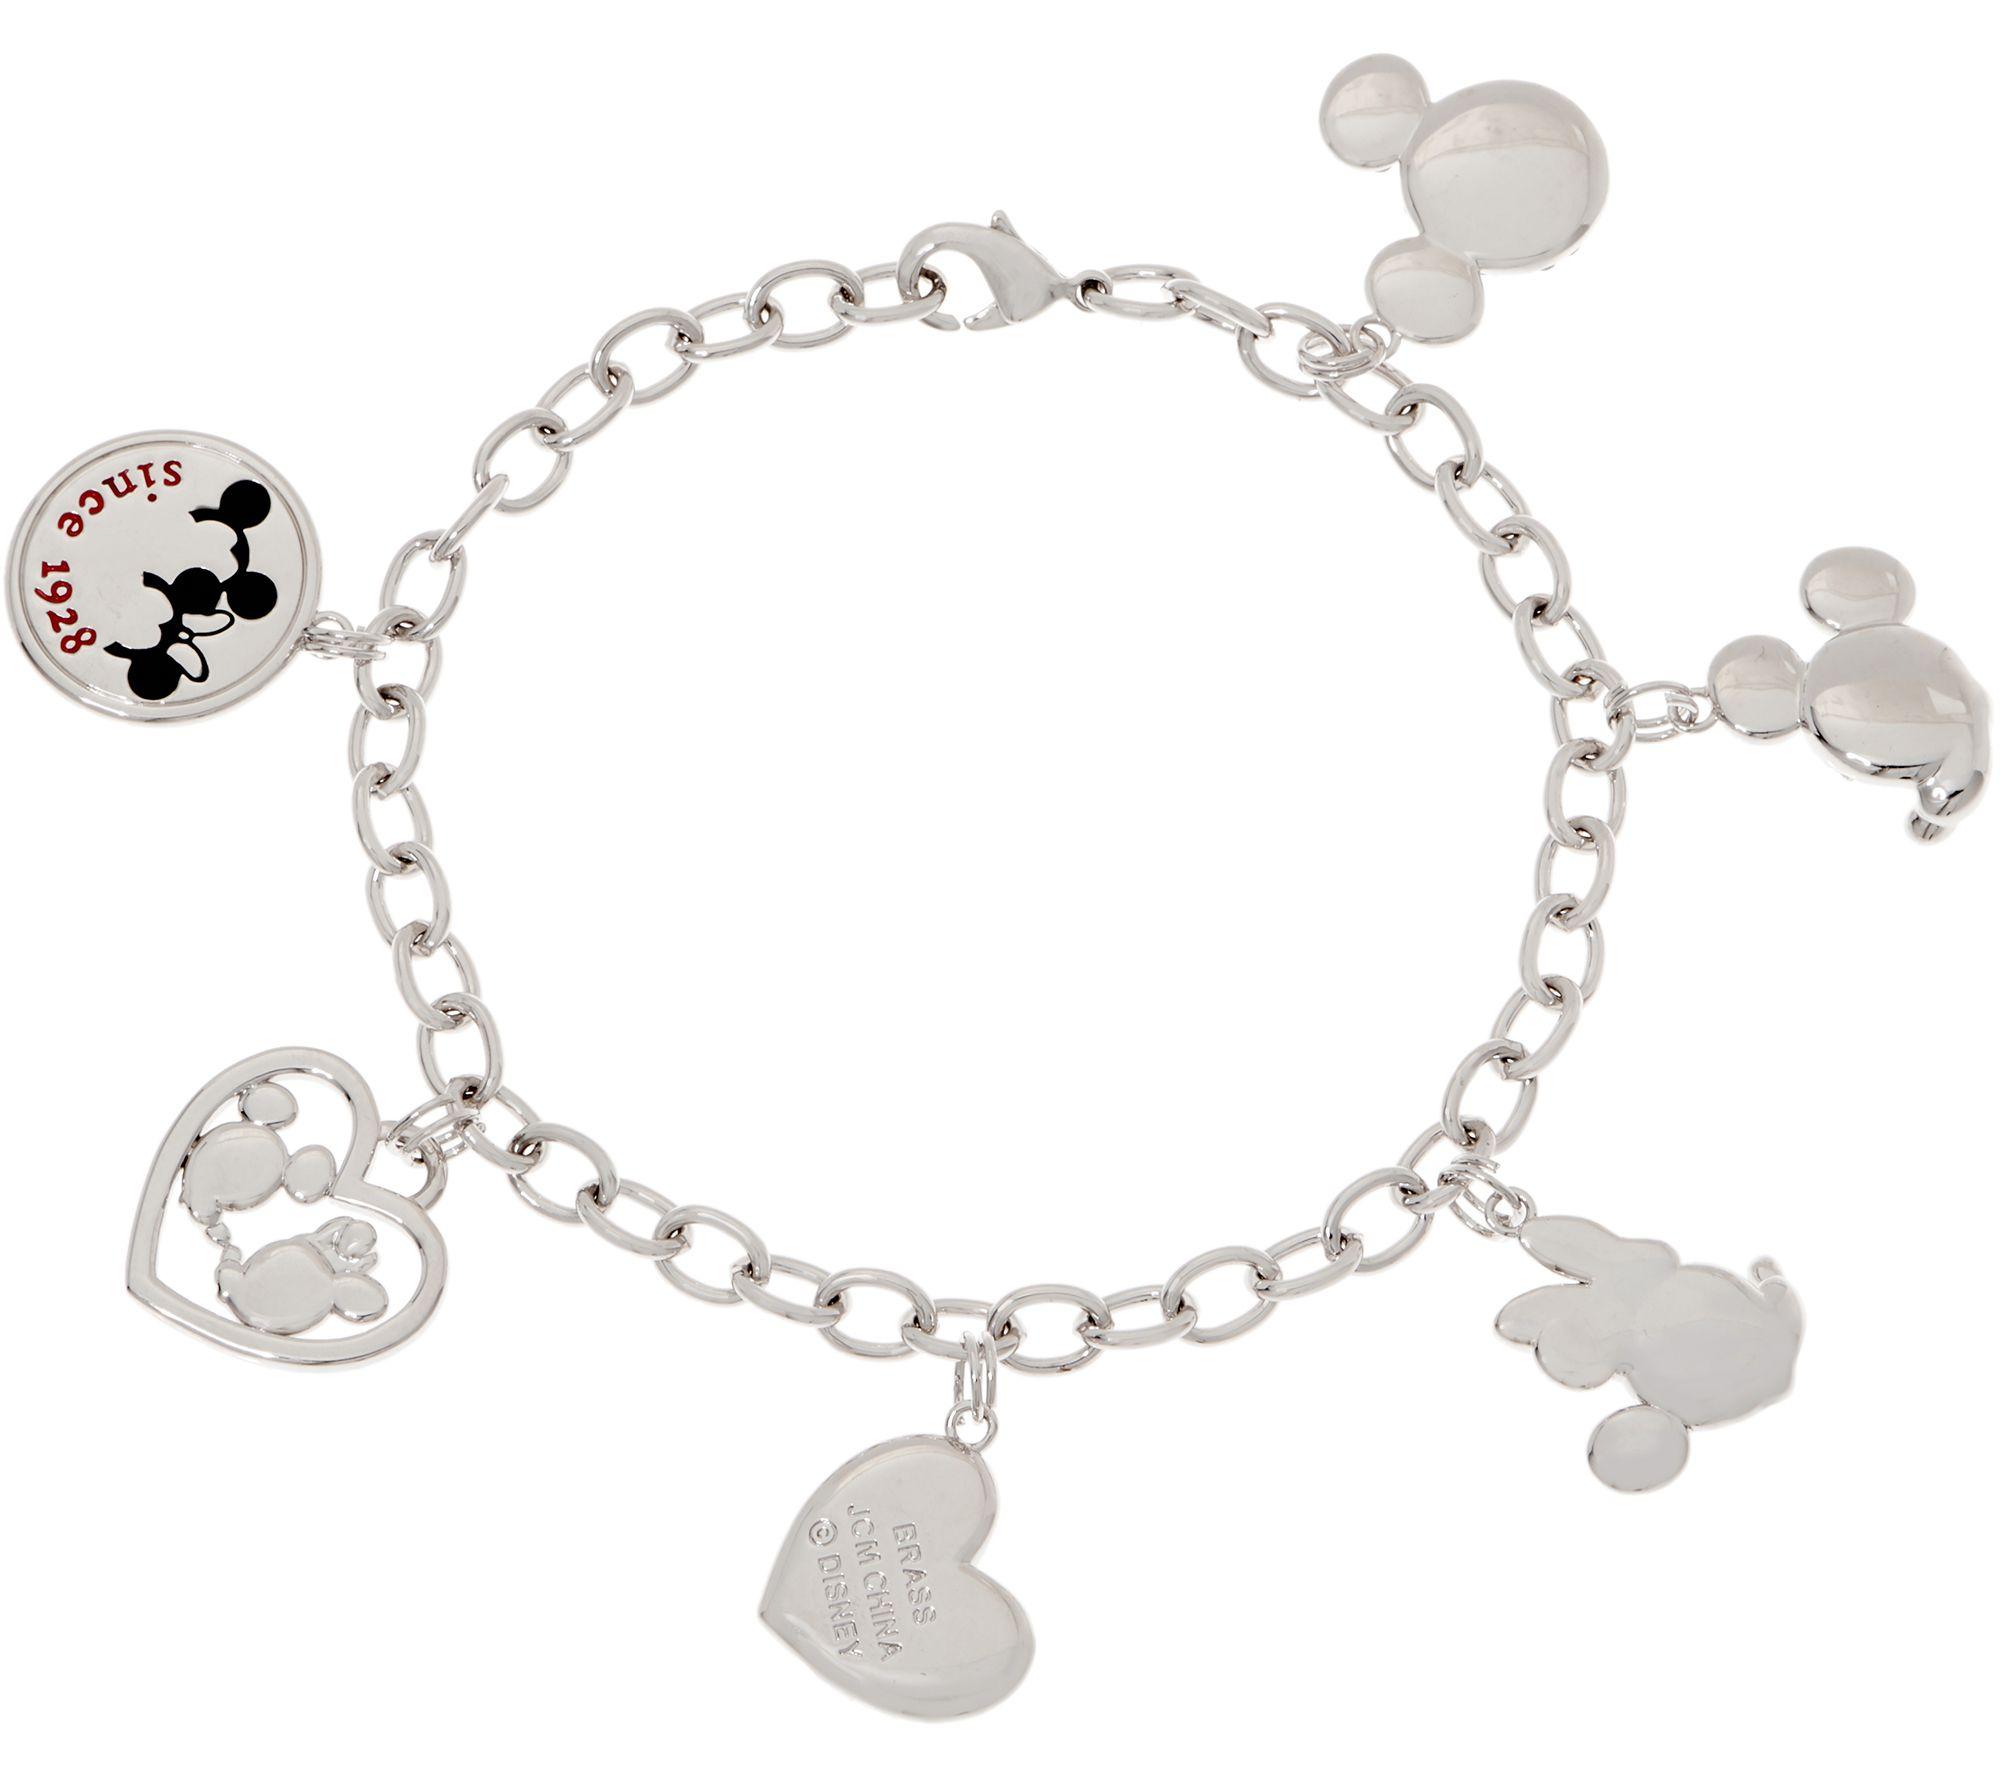 537bef1e357 Mickey's 90th Birthday Mickey & Minnie Charm Bracelet - Page 1 — QVC.com